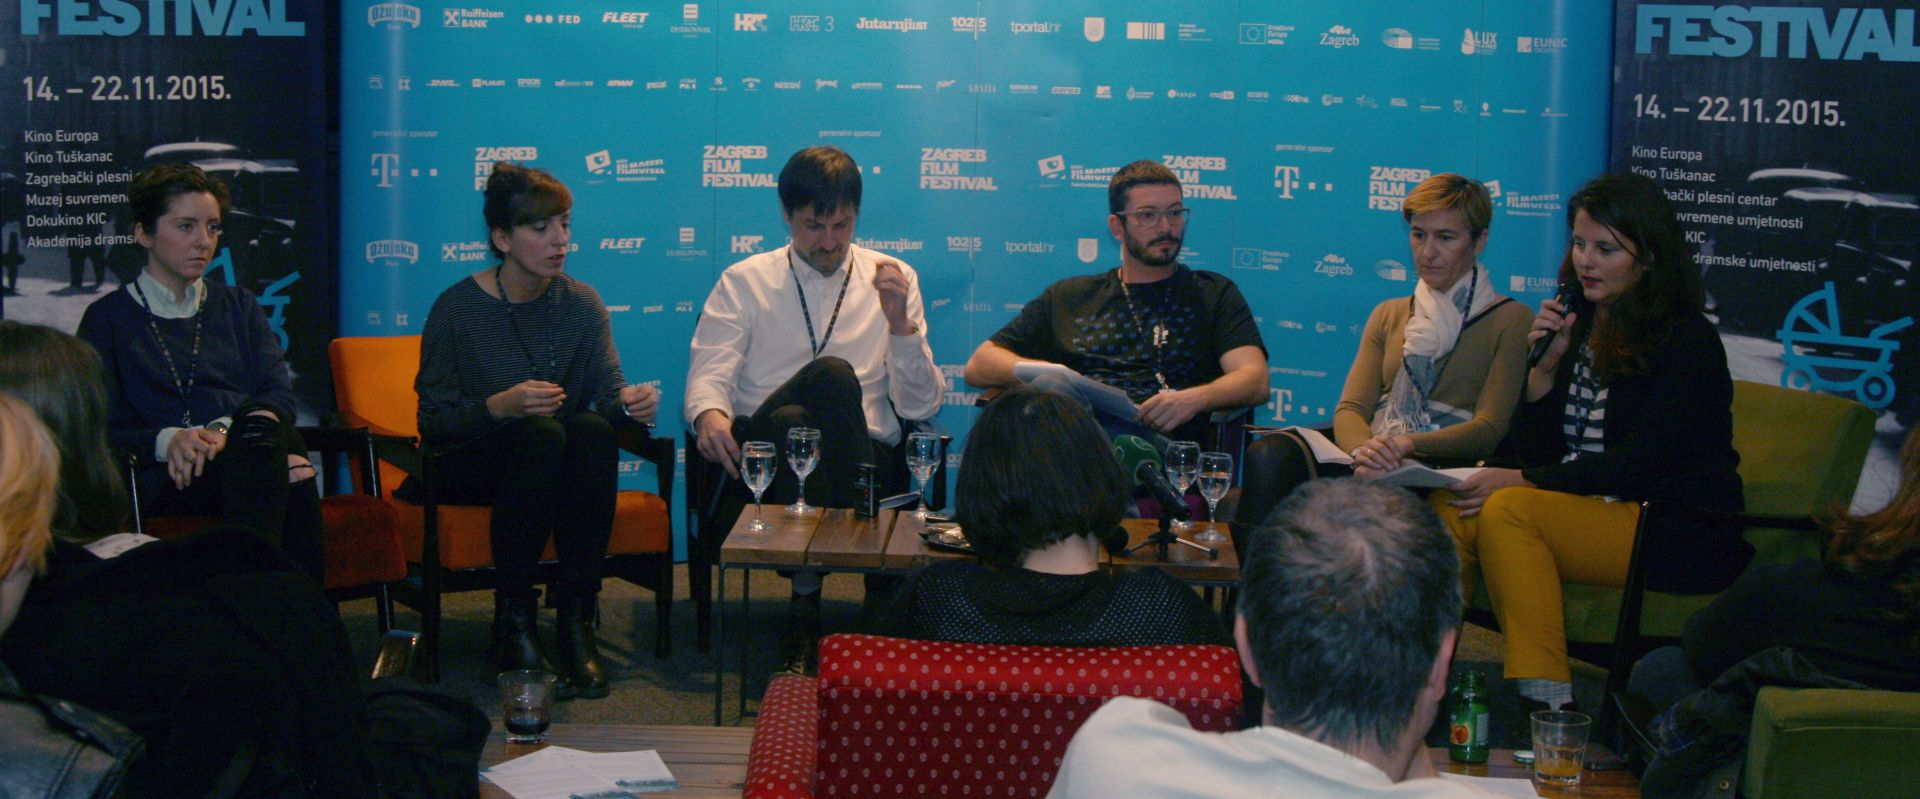 ZFF – Prije Oscara test na zagrebačkom festivalu